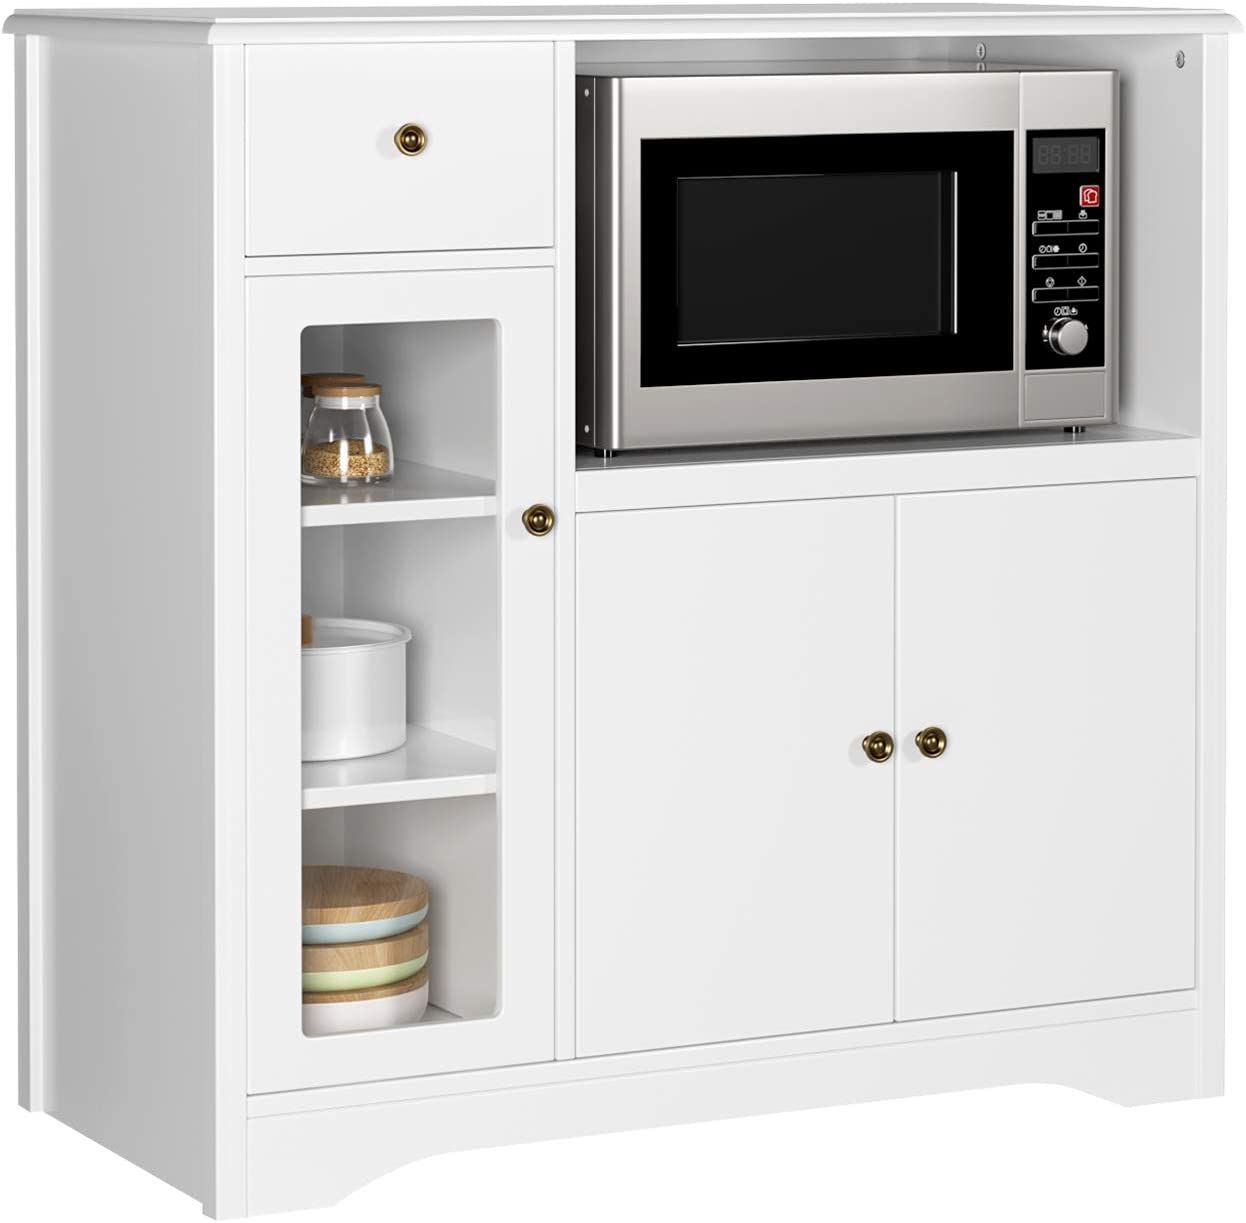 HOMECHO Mueble Auxiliar de Microondas para Cocina Alacena Aparador bajo la Cocina para Almacenamiento Blanco Marfil 90x40x85 cm